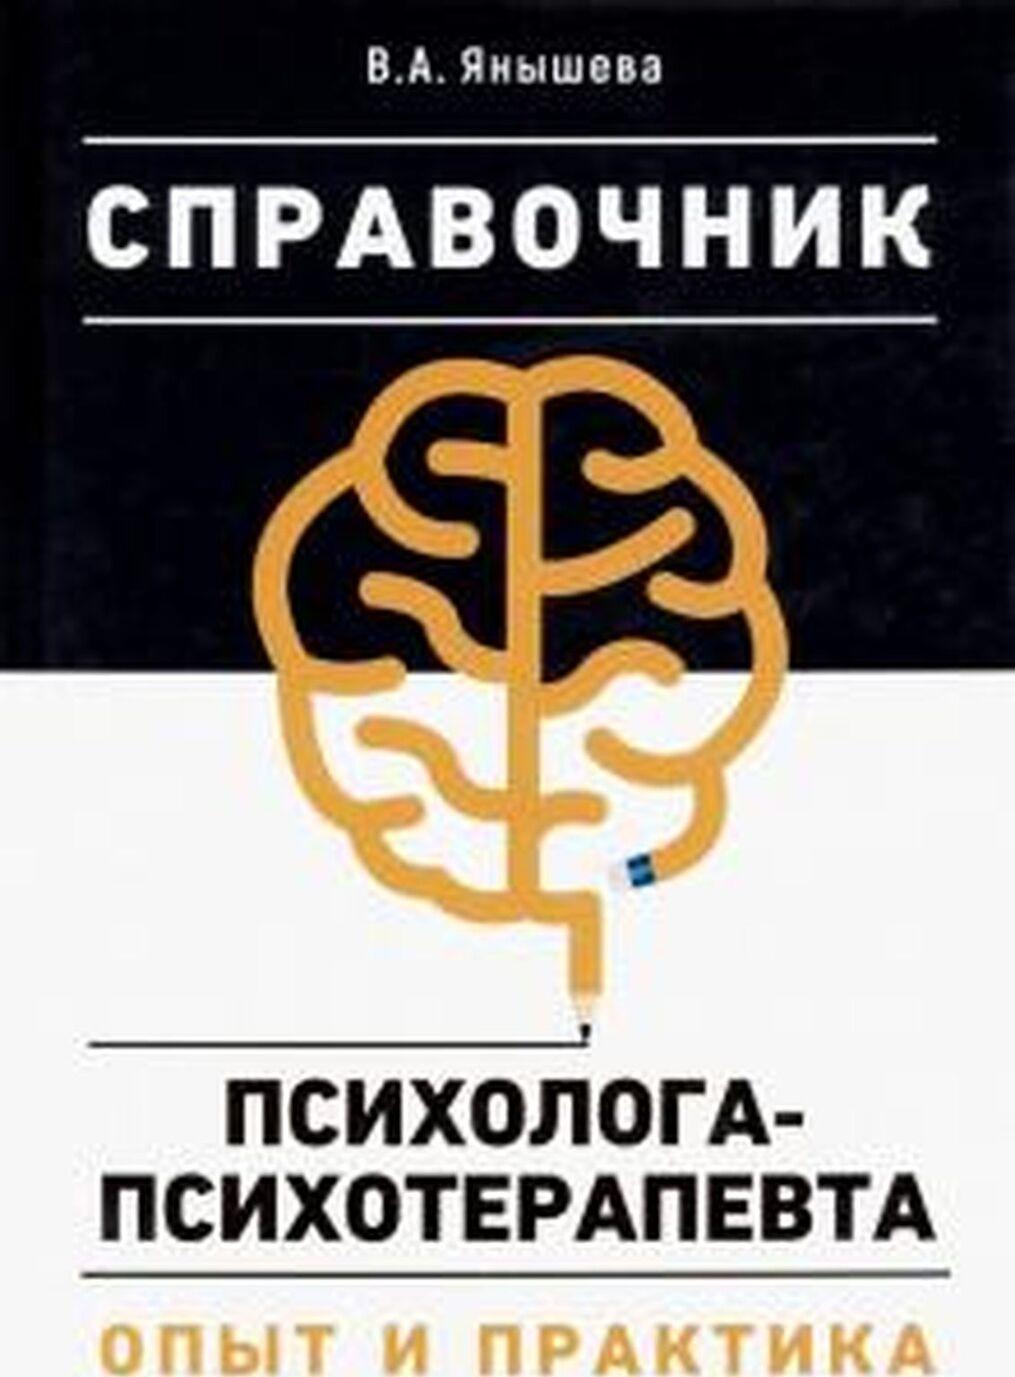 Spravochnik psikhologa-psikhoterapevta. Opyt i praktika   Janysheva Vera Aleksandrovna